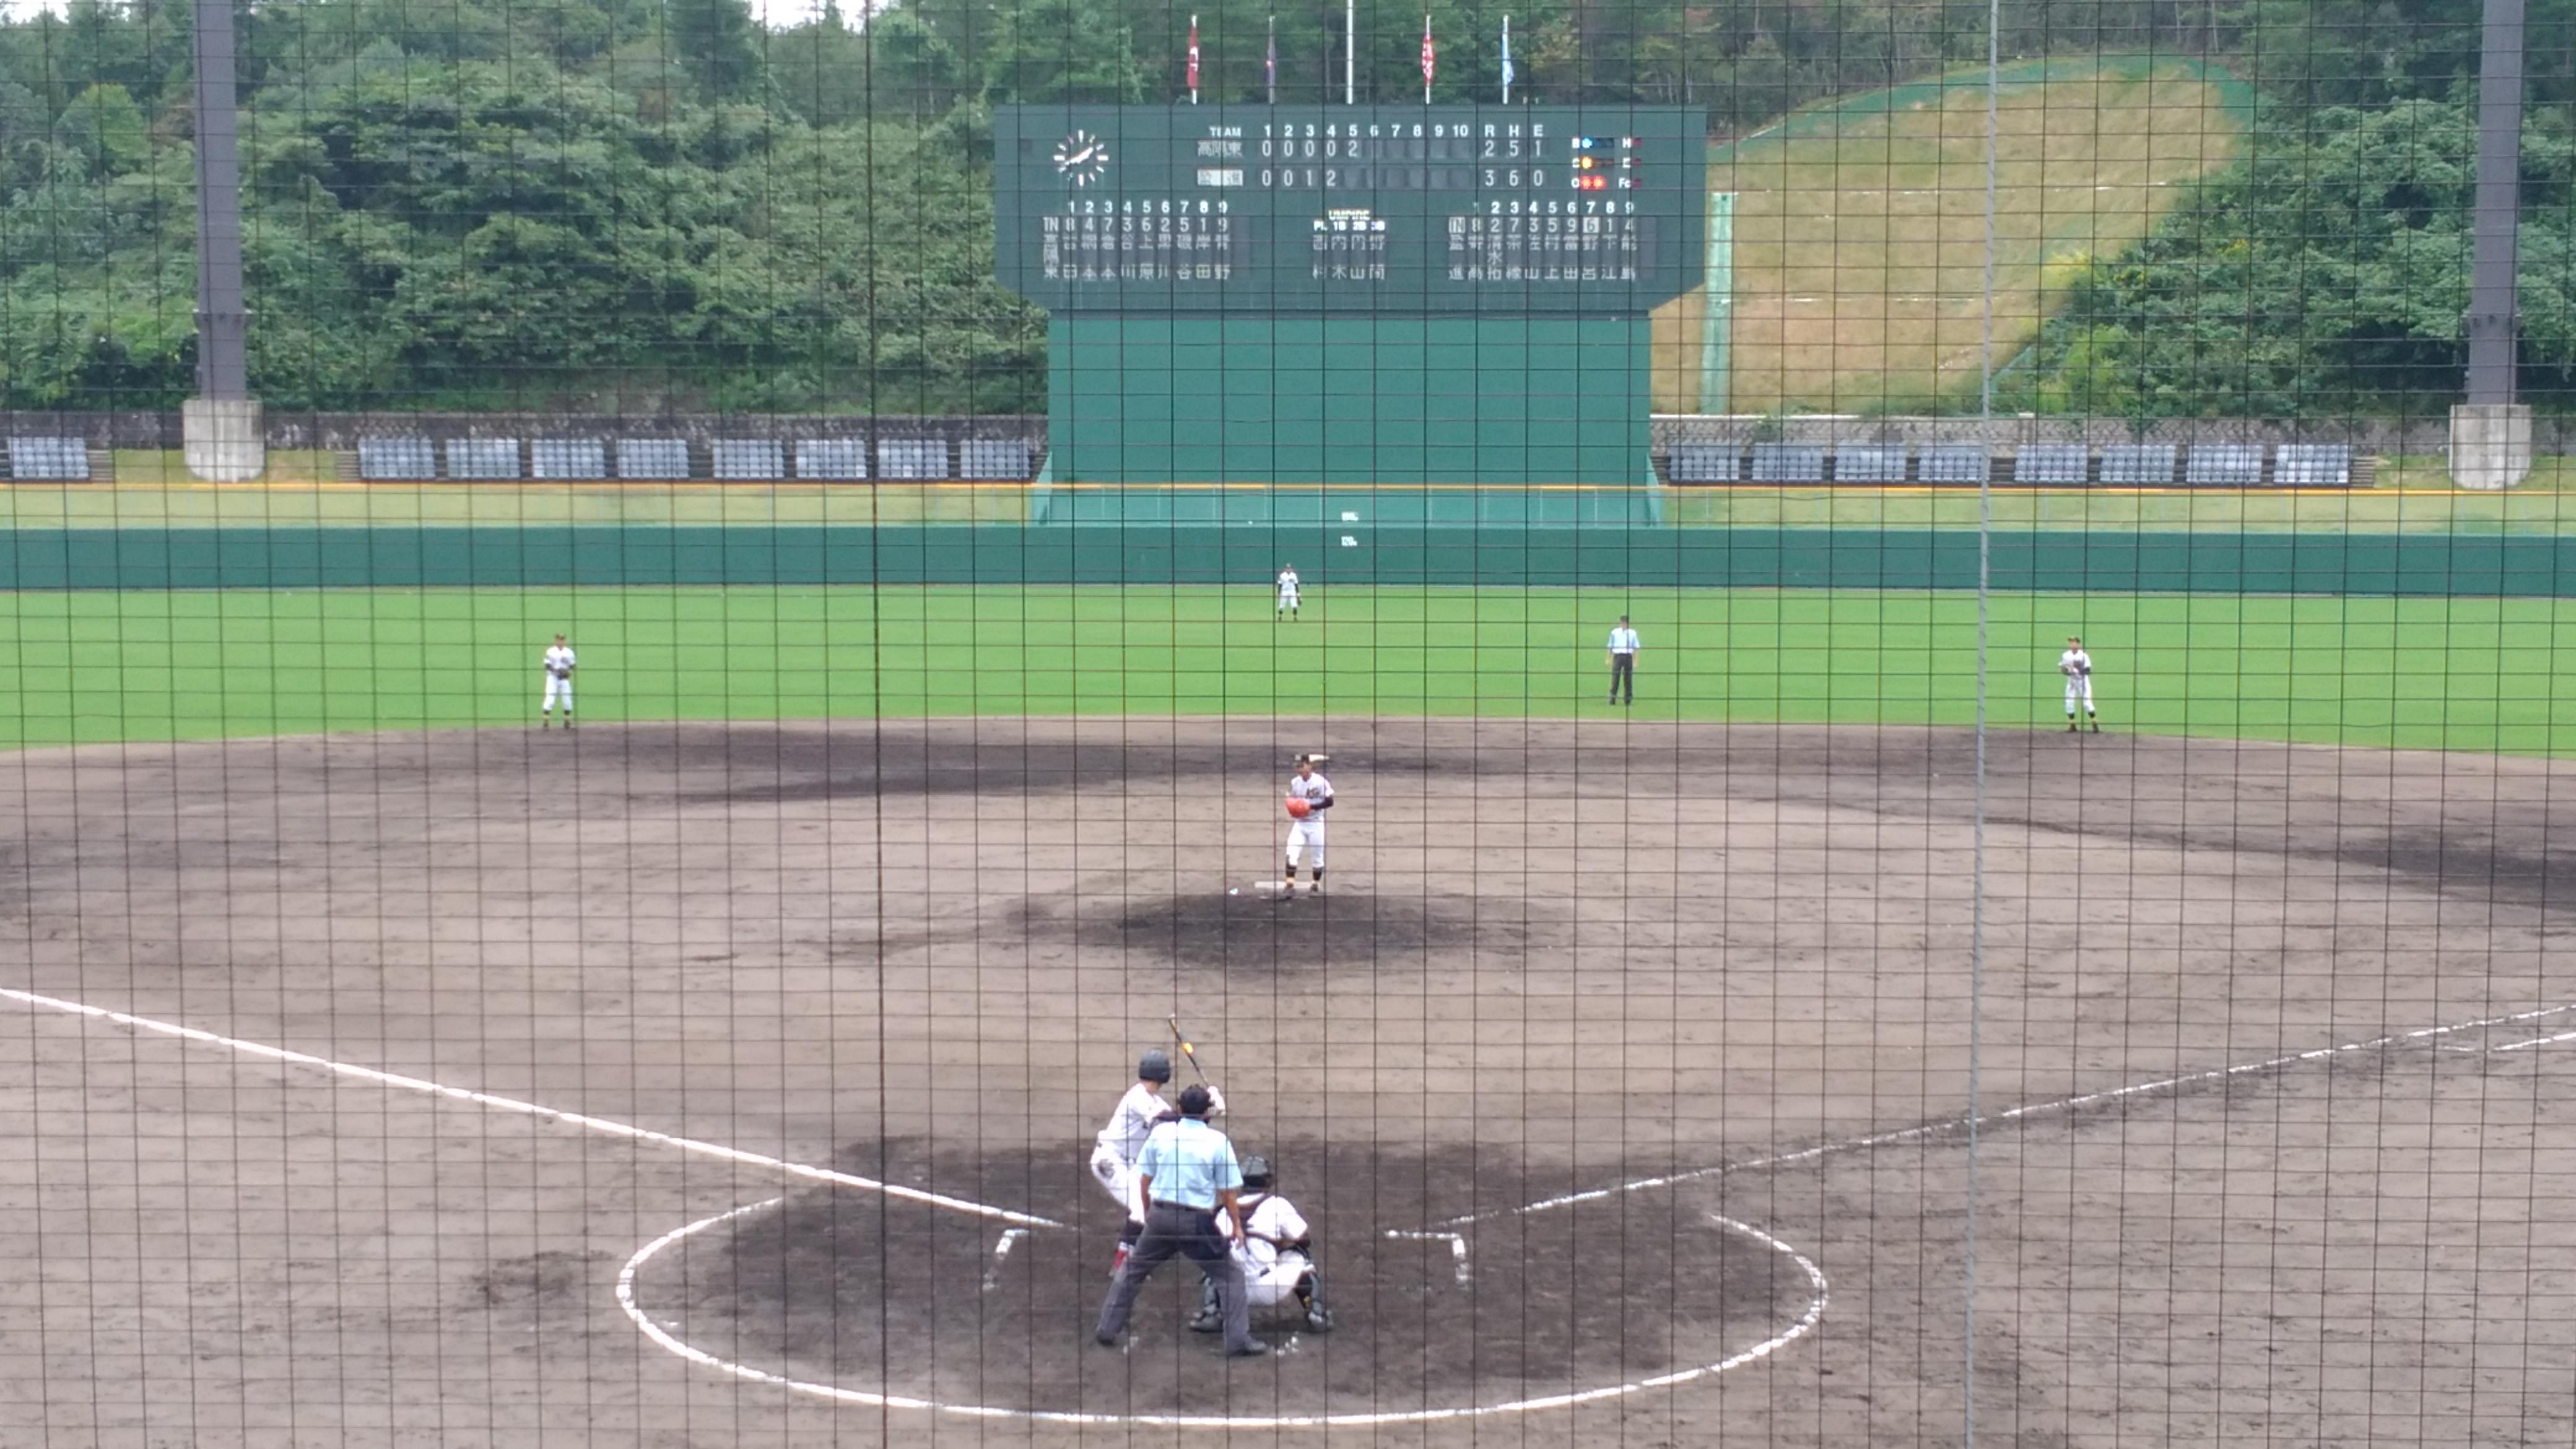 今年(2017年)の「秋季中国地区」高校野球大会が、[しまなみ球場]と[福山市民球場]で行われますよ! 組合せ抽選が行われましたね。